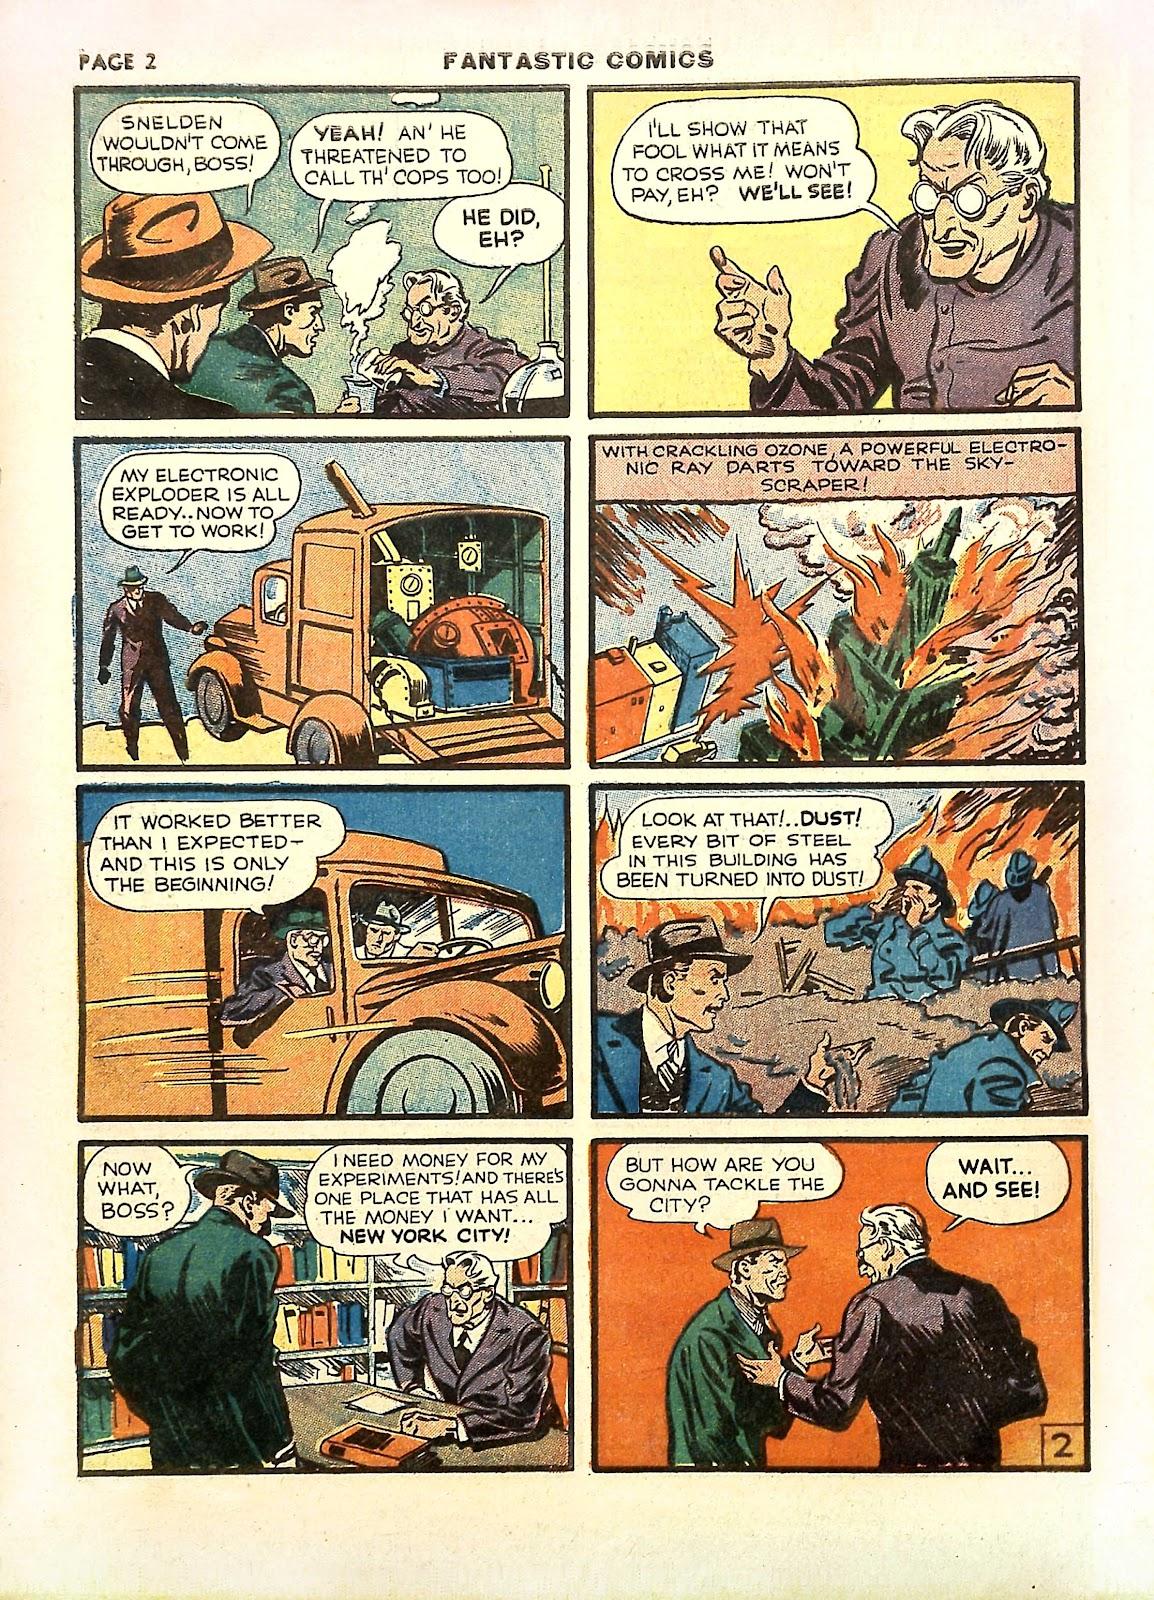 Read online Fantastic Comics comic -  Issue #11 - 5